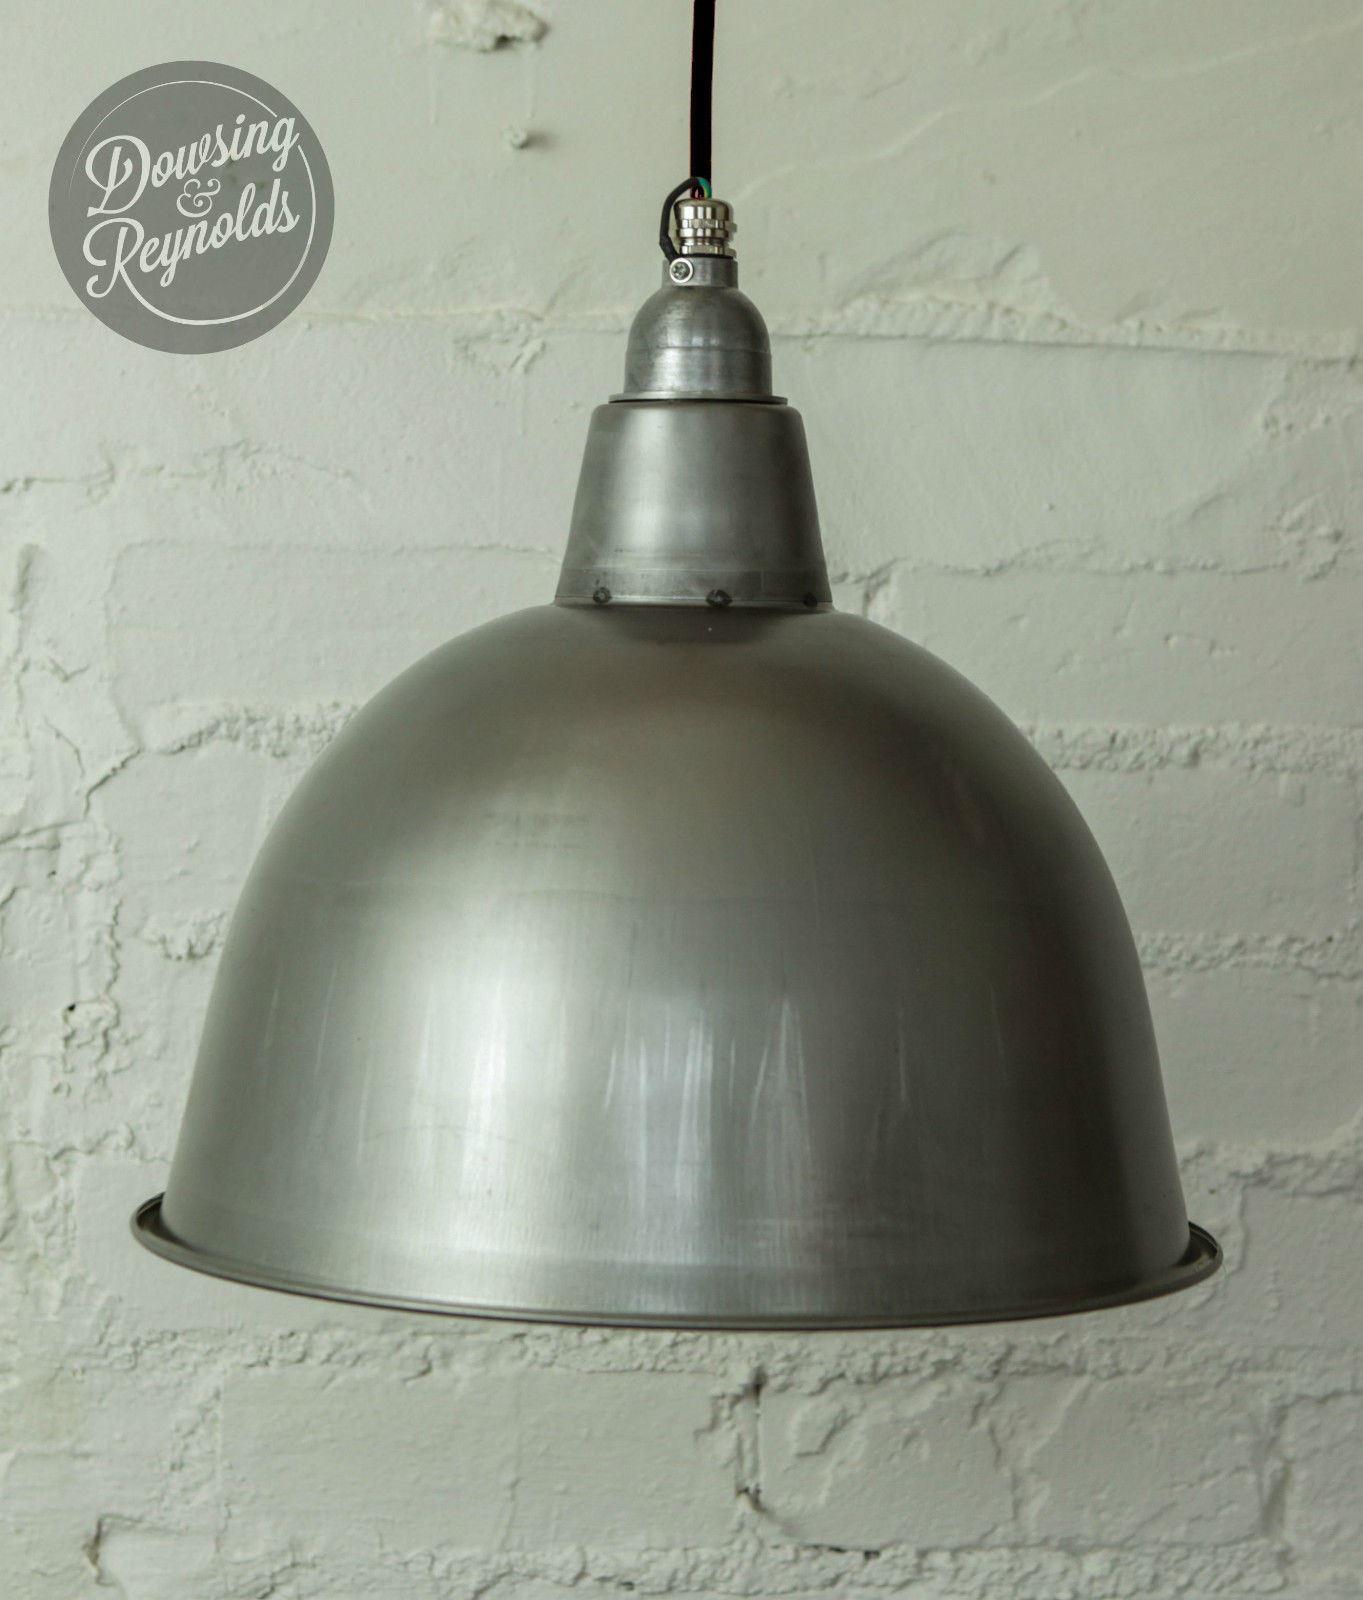 Rosone soffitto prezzo: produciamo; lampadari, applique, lampade ...